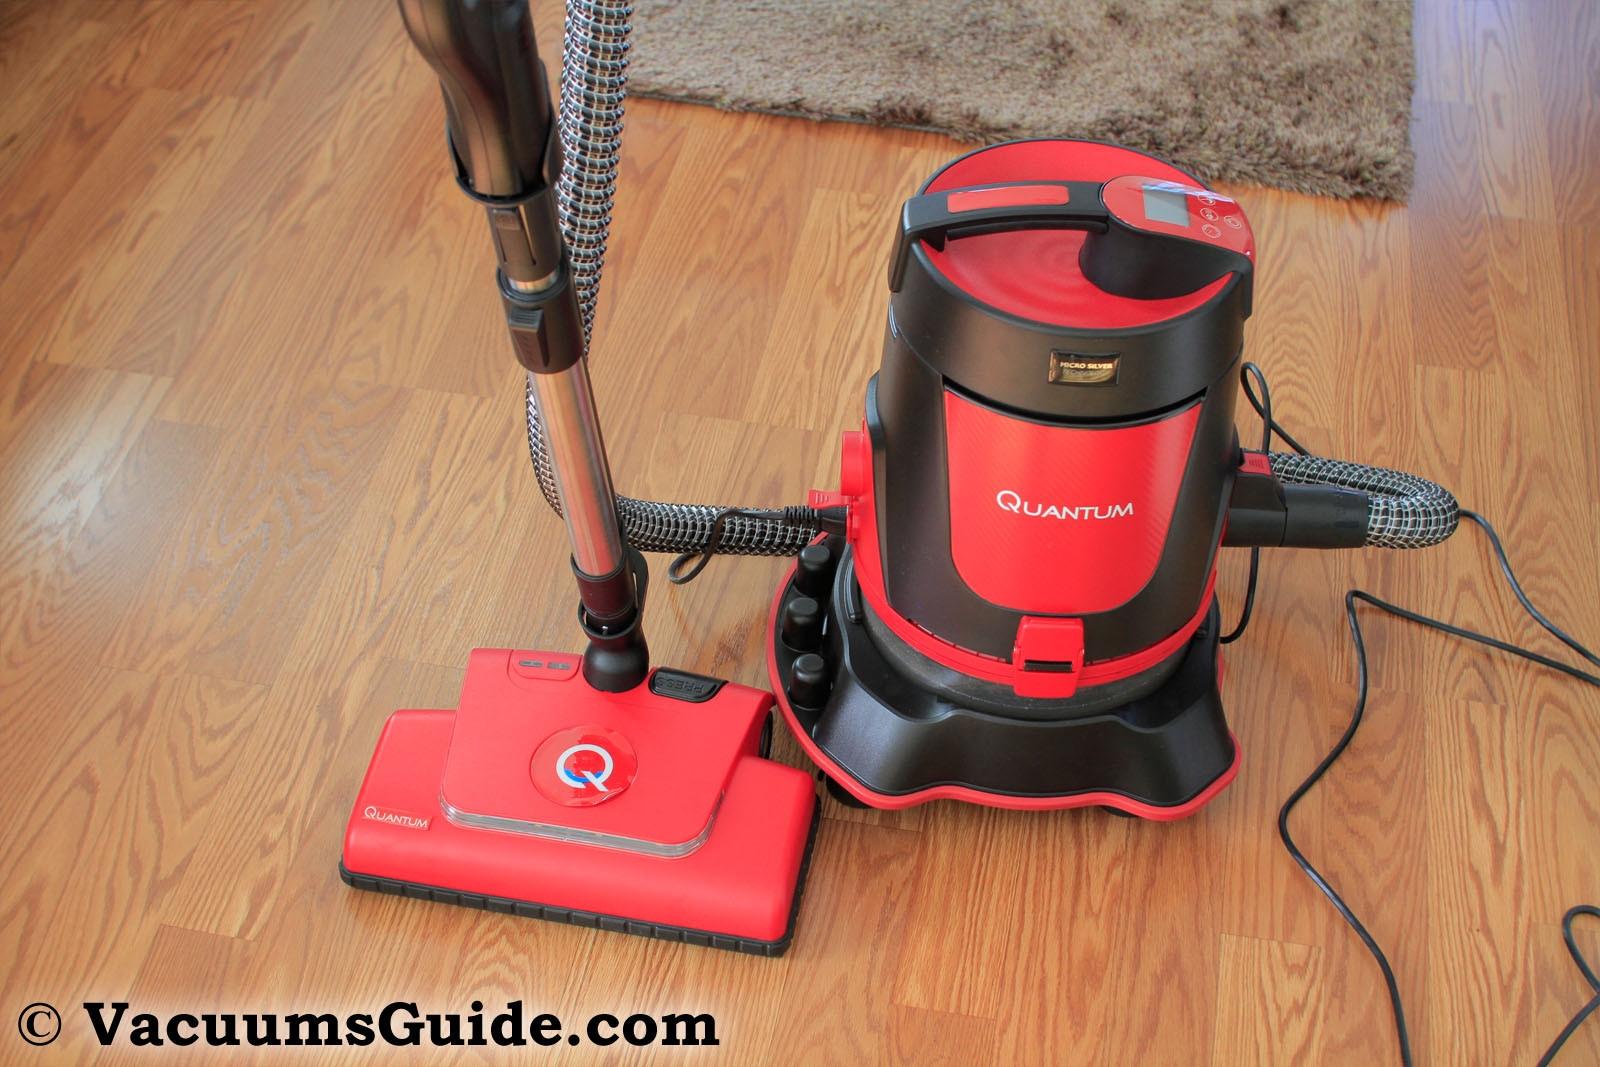 quantum vac vs rainbow system which is the best vacuum cleaner rh vacuumsguide com